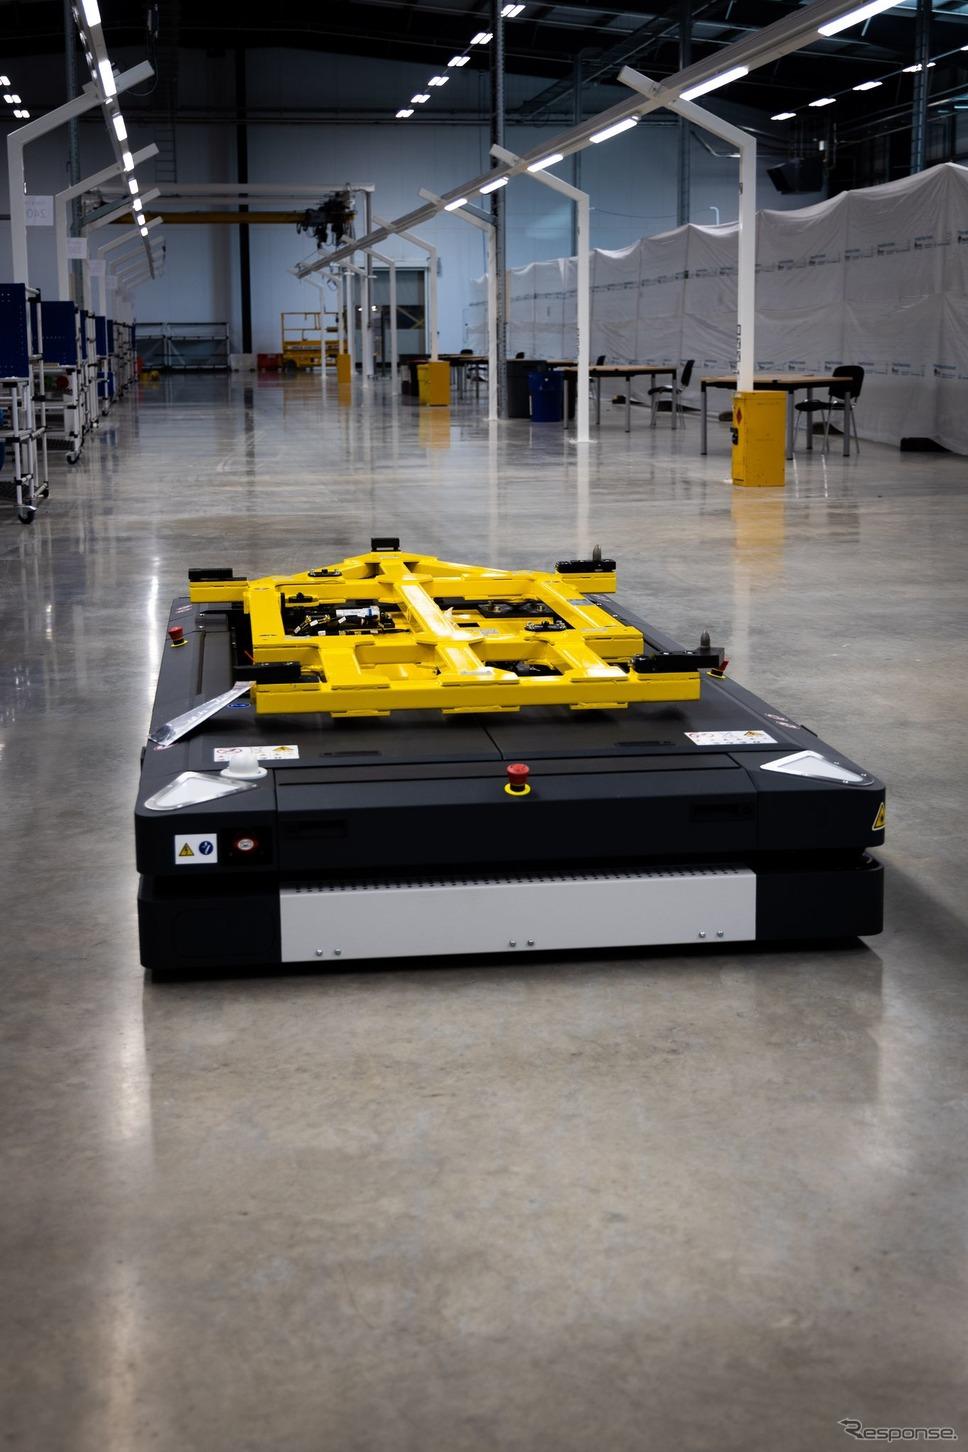 ロータスカーズの英国ヘセル工場の無人搬送車(AGV)《photo by Lotus Cars》